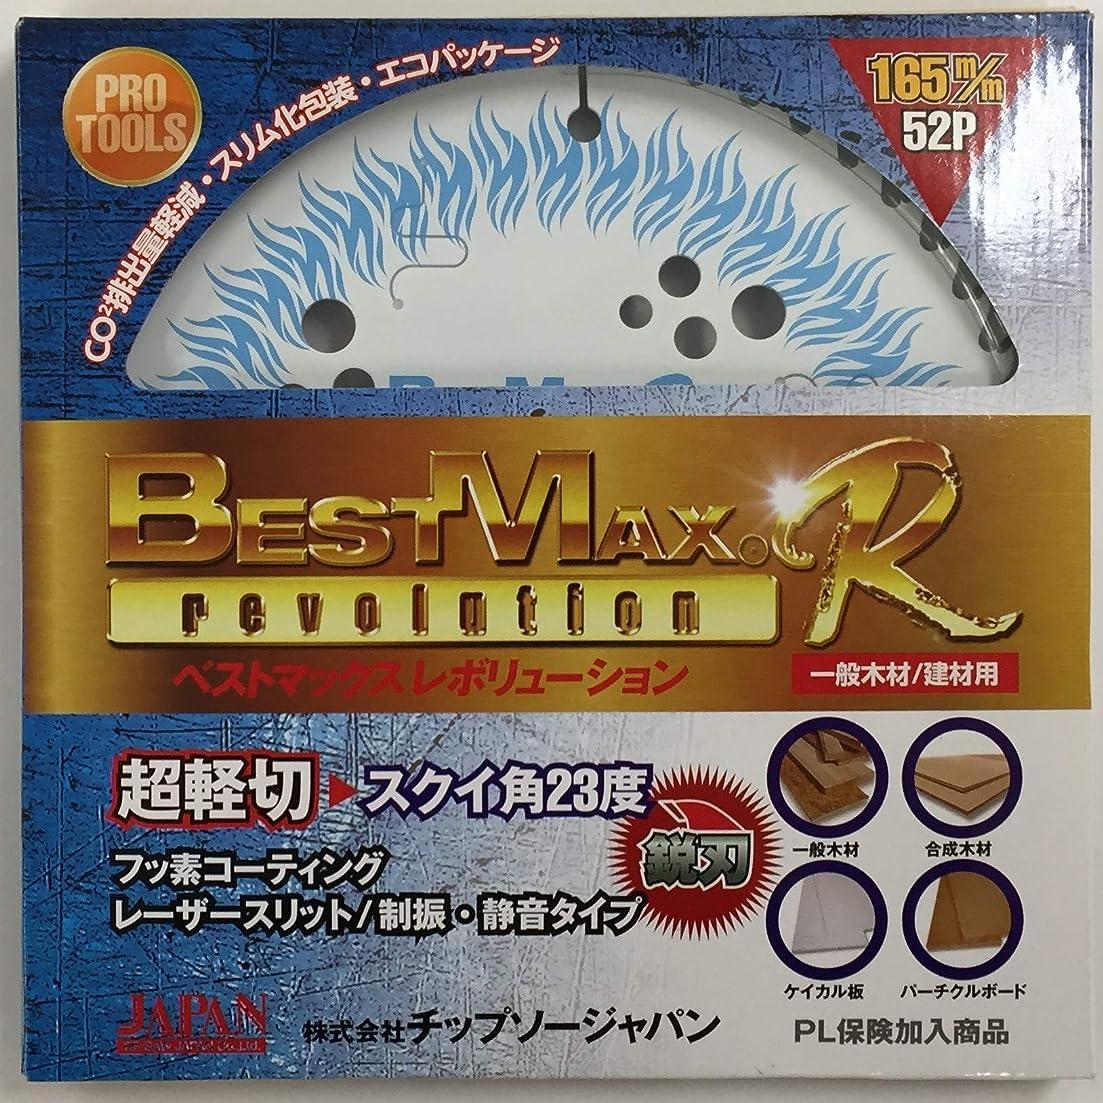 ハンマー恨み助手チップソージャパン BEST MAX Revolution 165×52P BM-165R